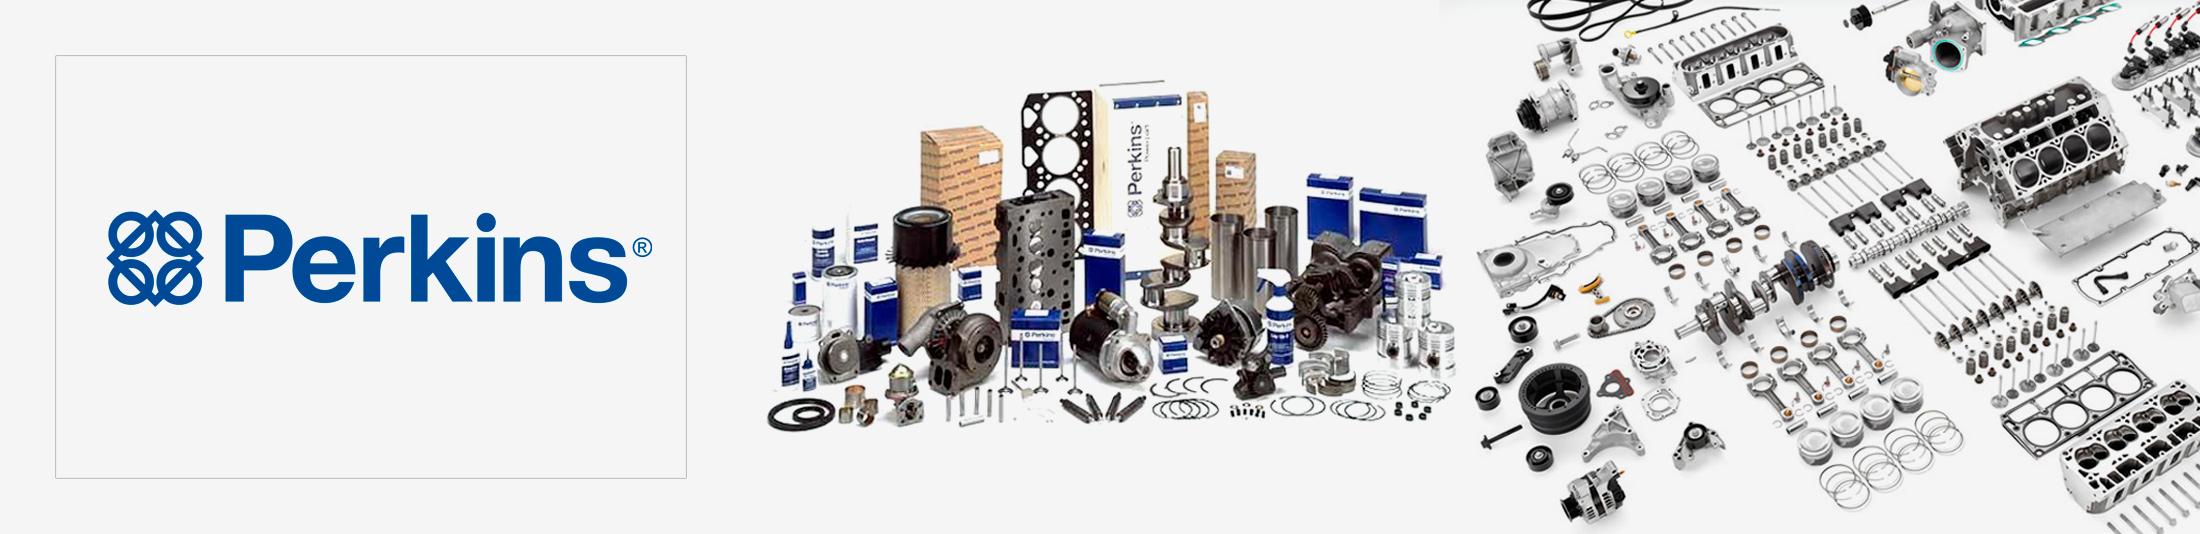 Perkins engine parts in Ghana - M&H Engineering